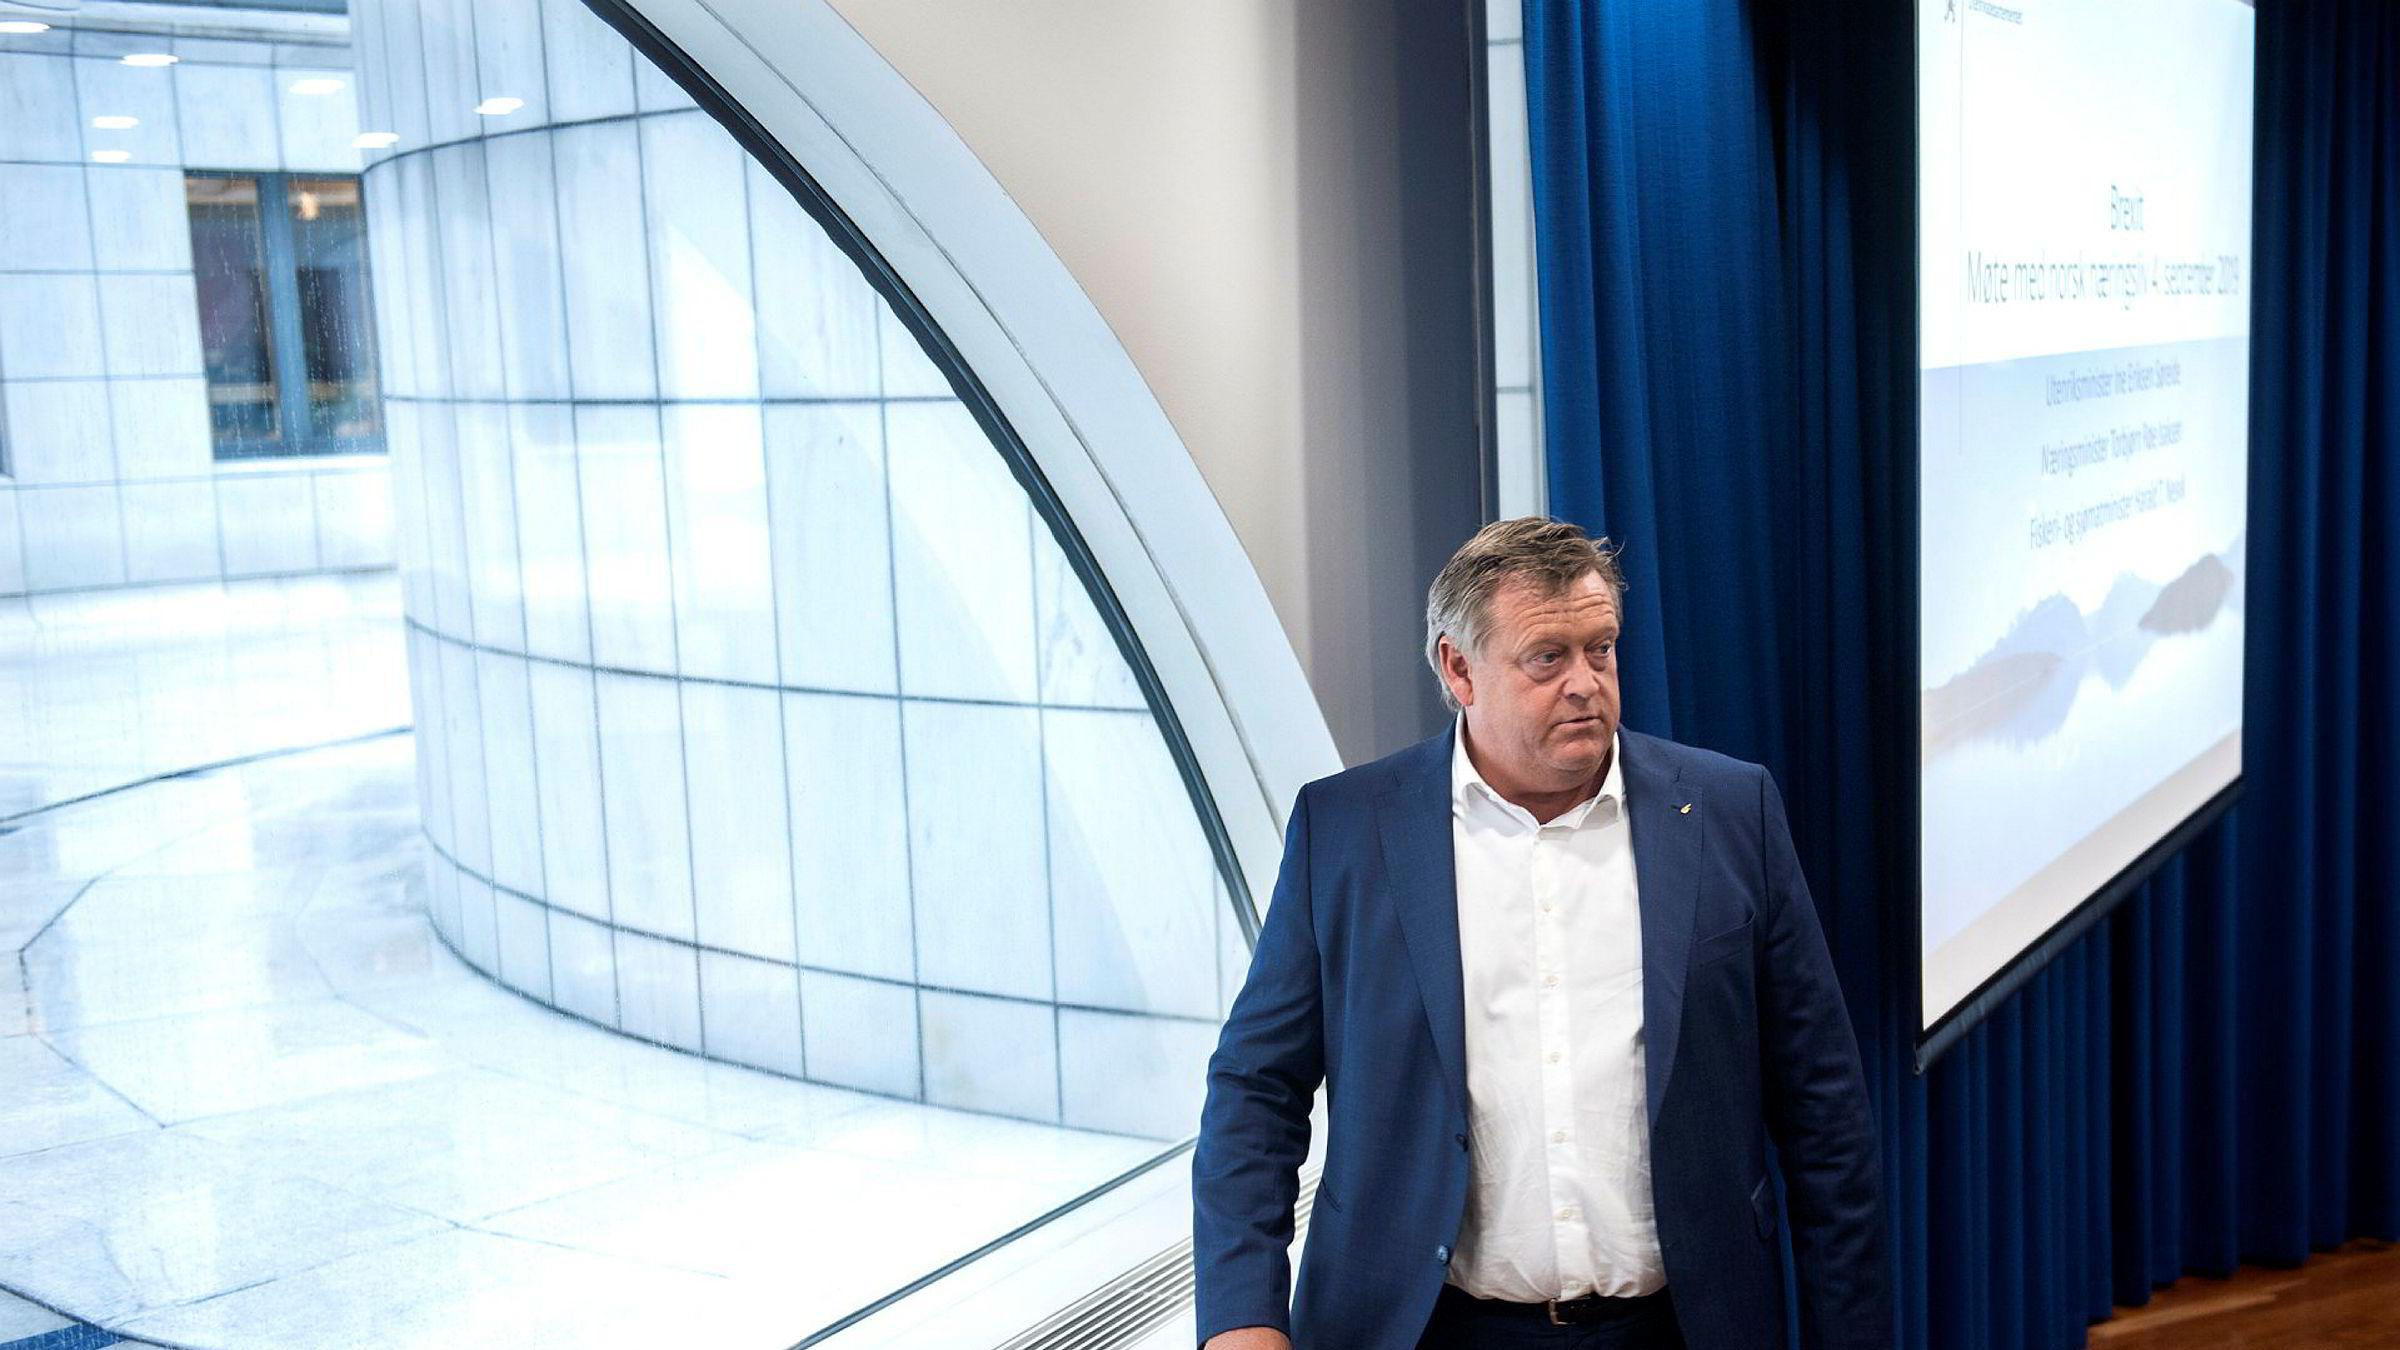 – Avtalen med EU er viktig for Norge. Sammen kan vi sikre ansvarlig forvaltning av fiskebestanden i Nordsjøen, skriver fiskeriminister Harald T. Nesvik i en pressemelding søndag.